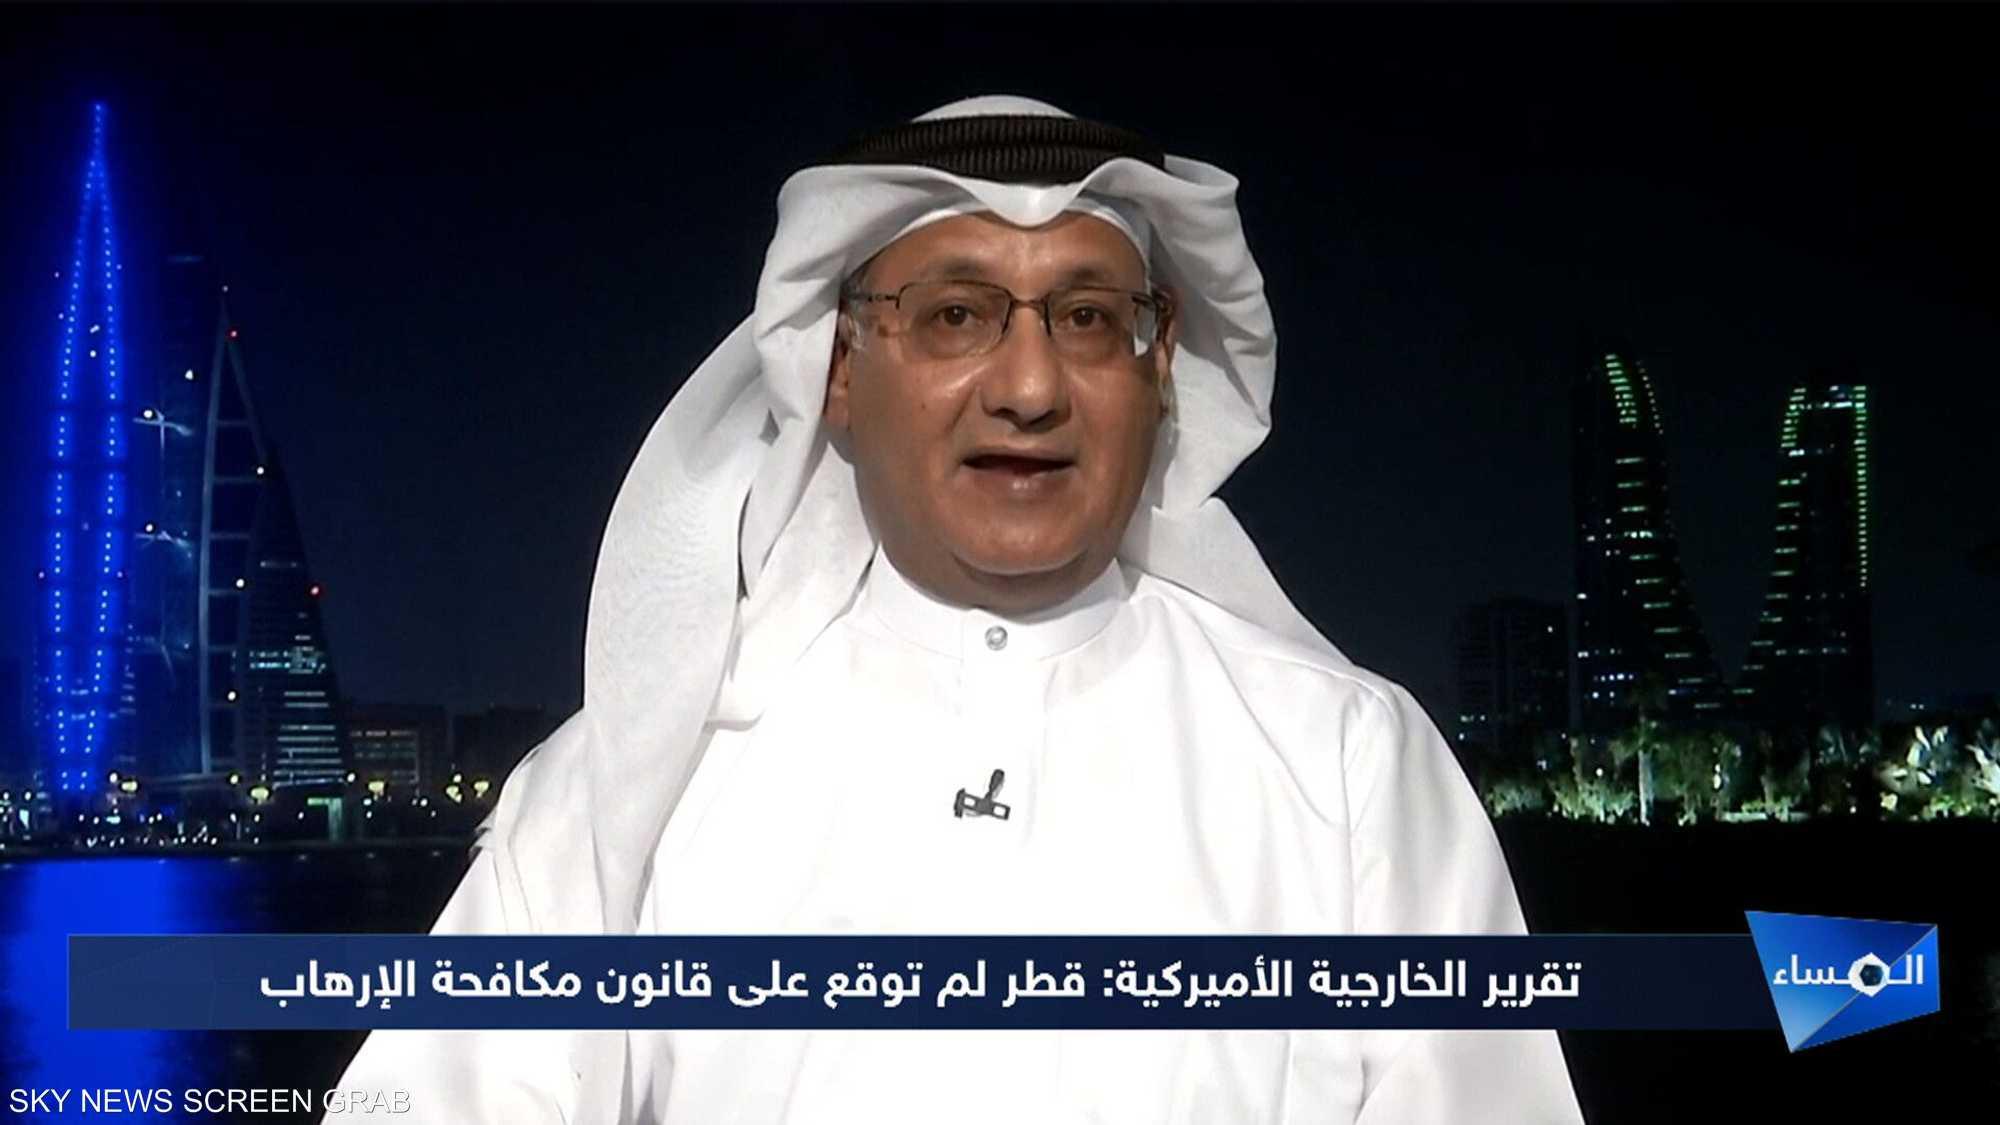 تقرير أميركي: قطر مستمرة بتأمين ملاذات آمنة لمطلوبين إرهابيي